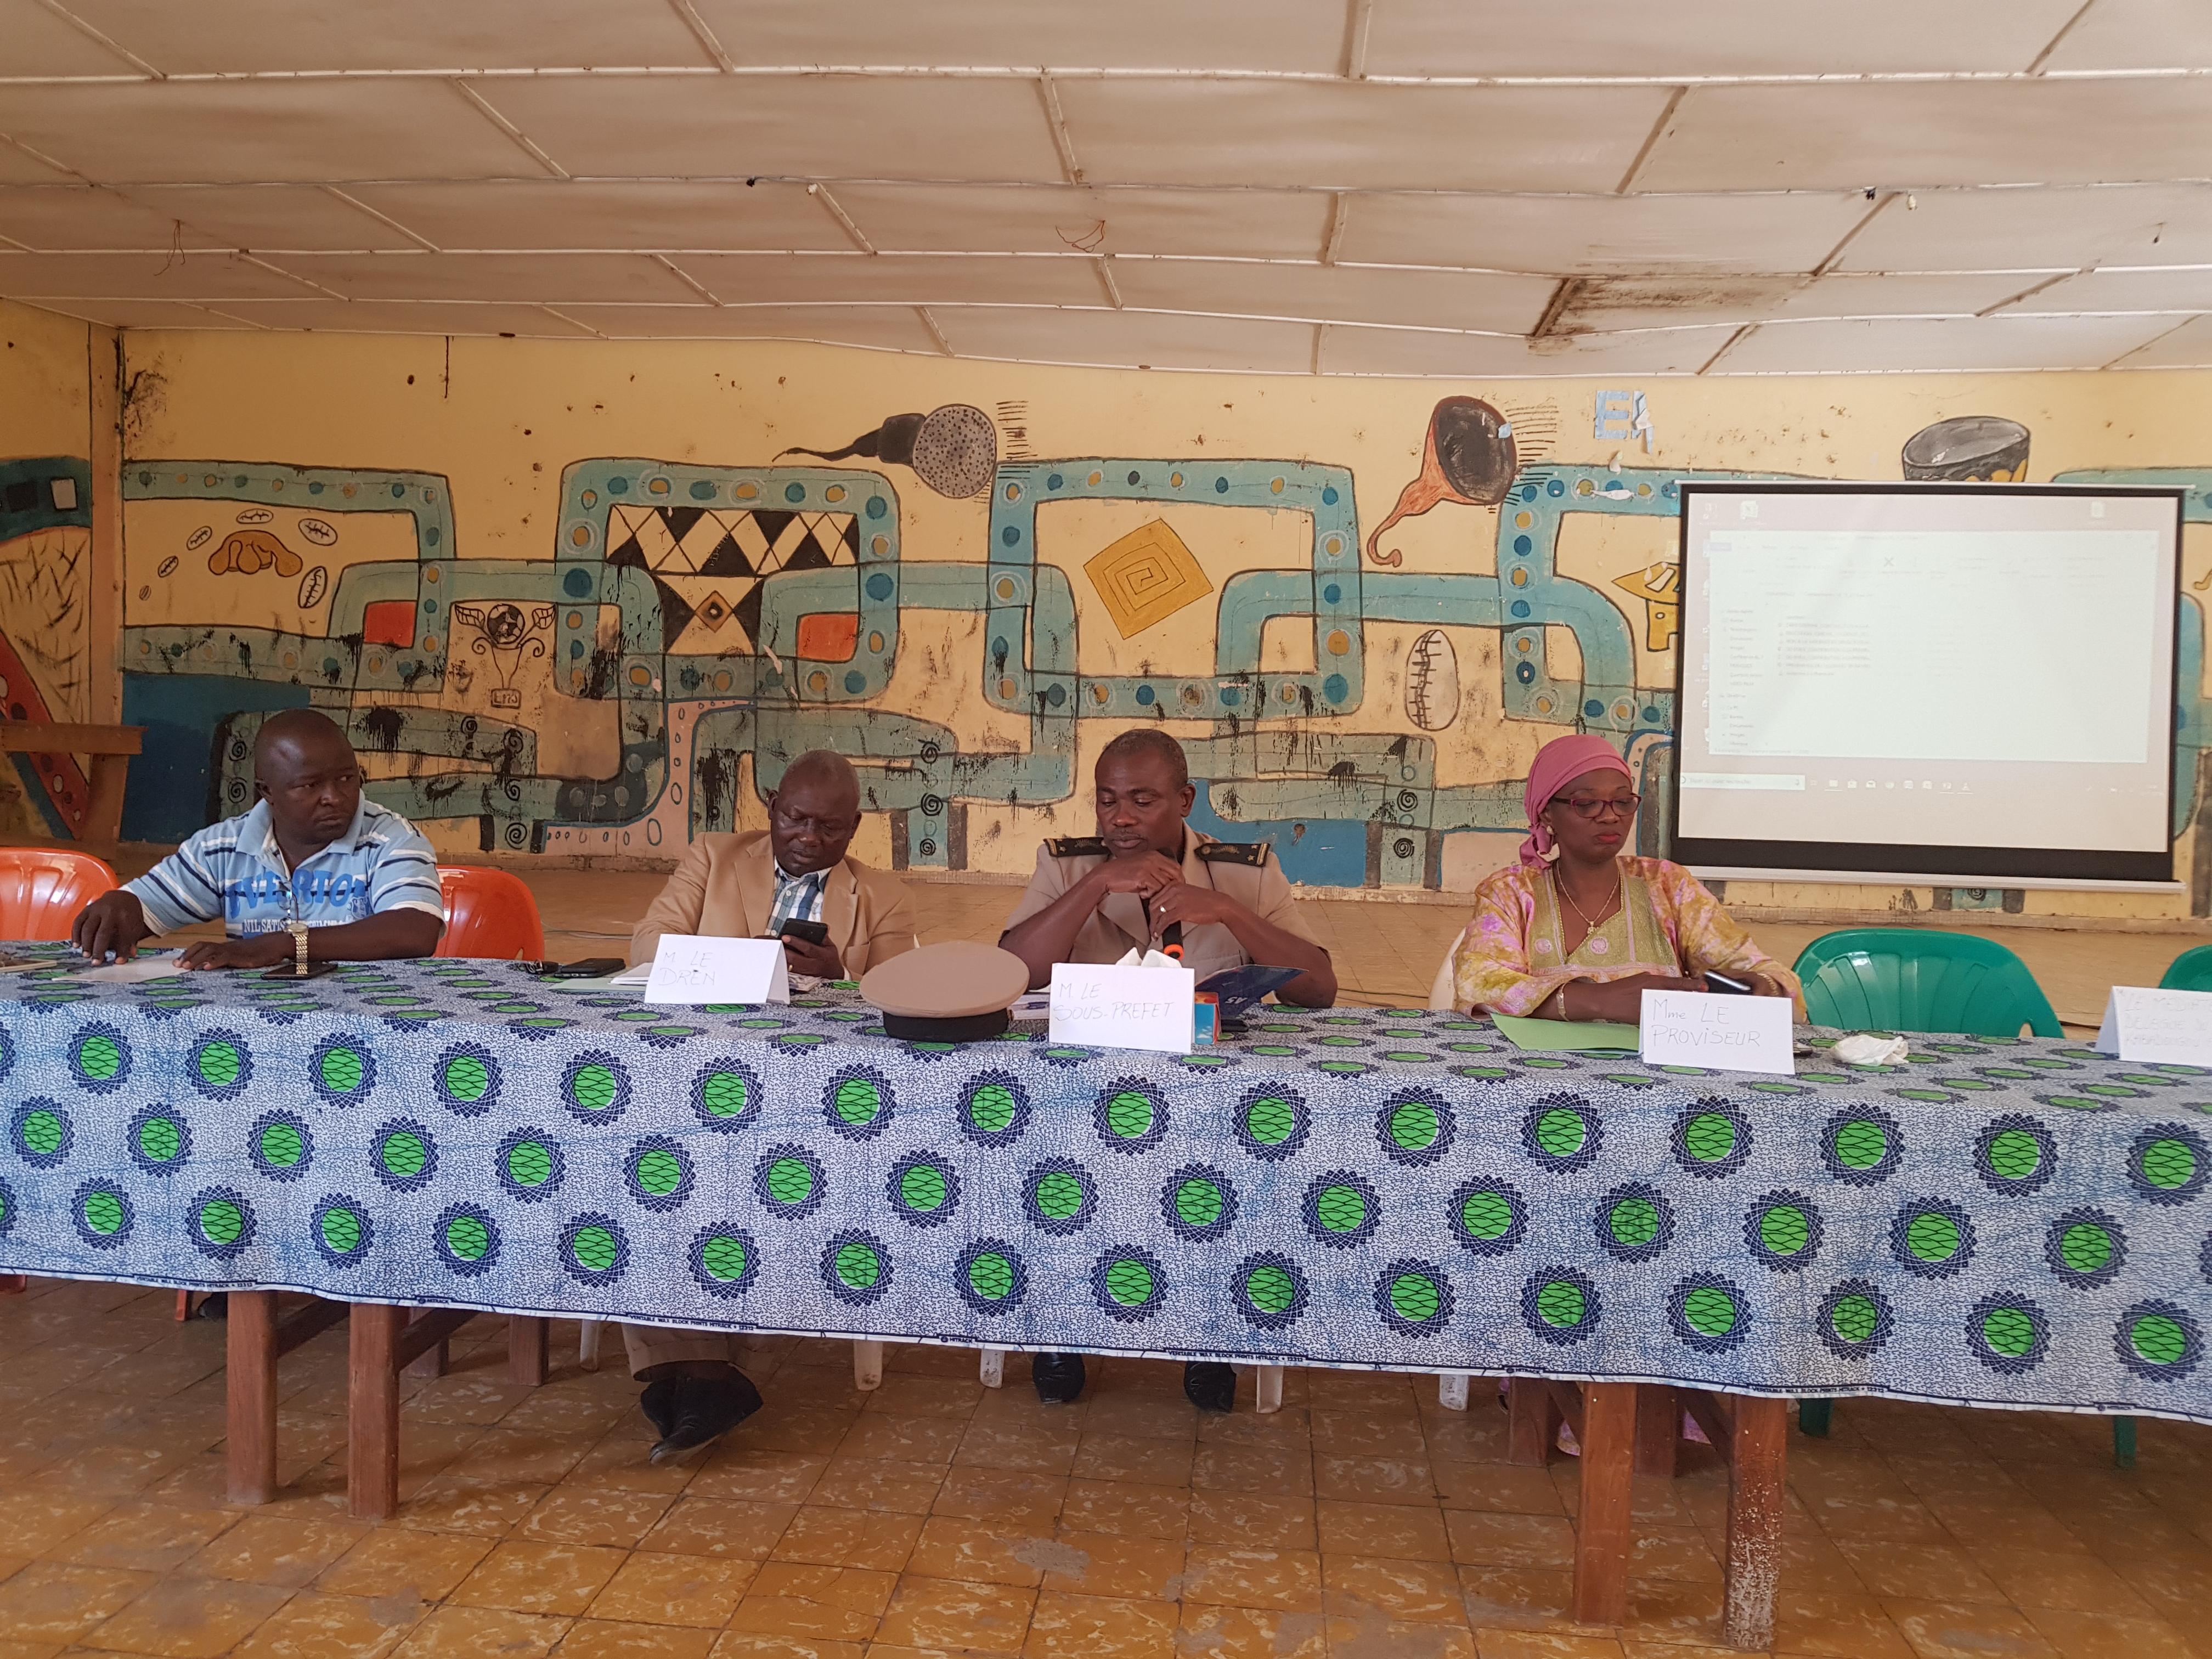 déficit enseignants,enseignement secondaire,Un déficit de 136 enseignants dans le secondaire dans la région du Kabadougou,kabadougou